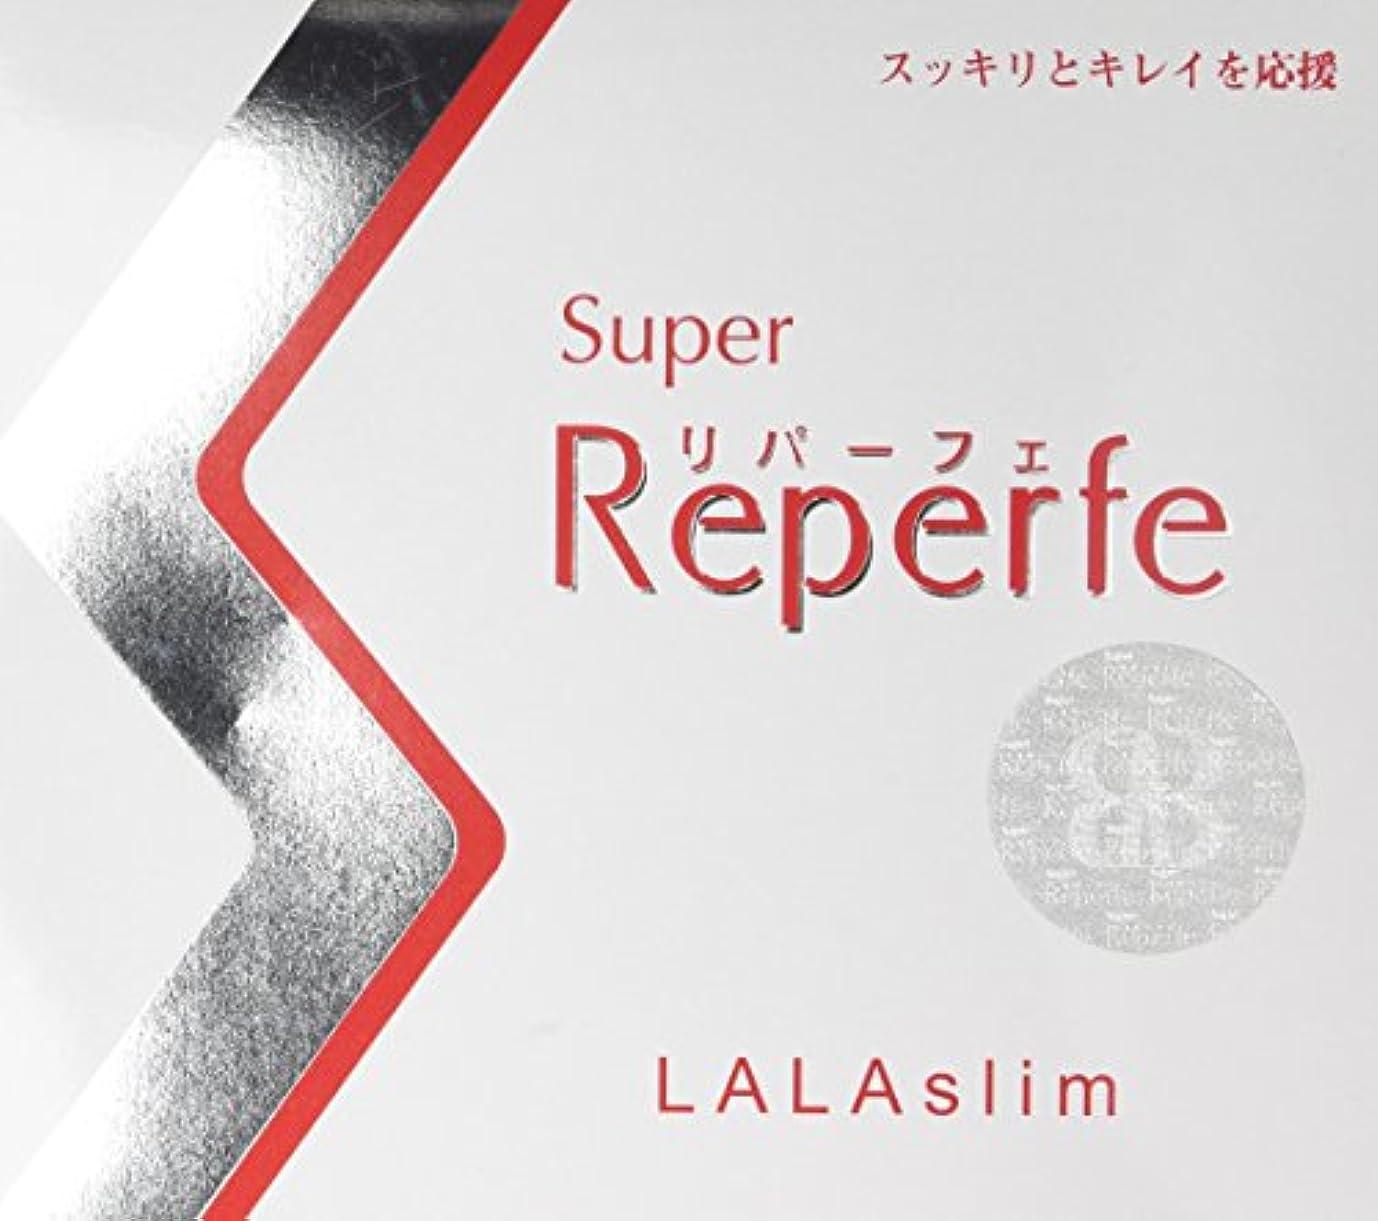 お金ゴムスキー恥ずかしさスーパーリパーフェ ララスリム 錠剤タイプ